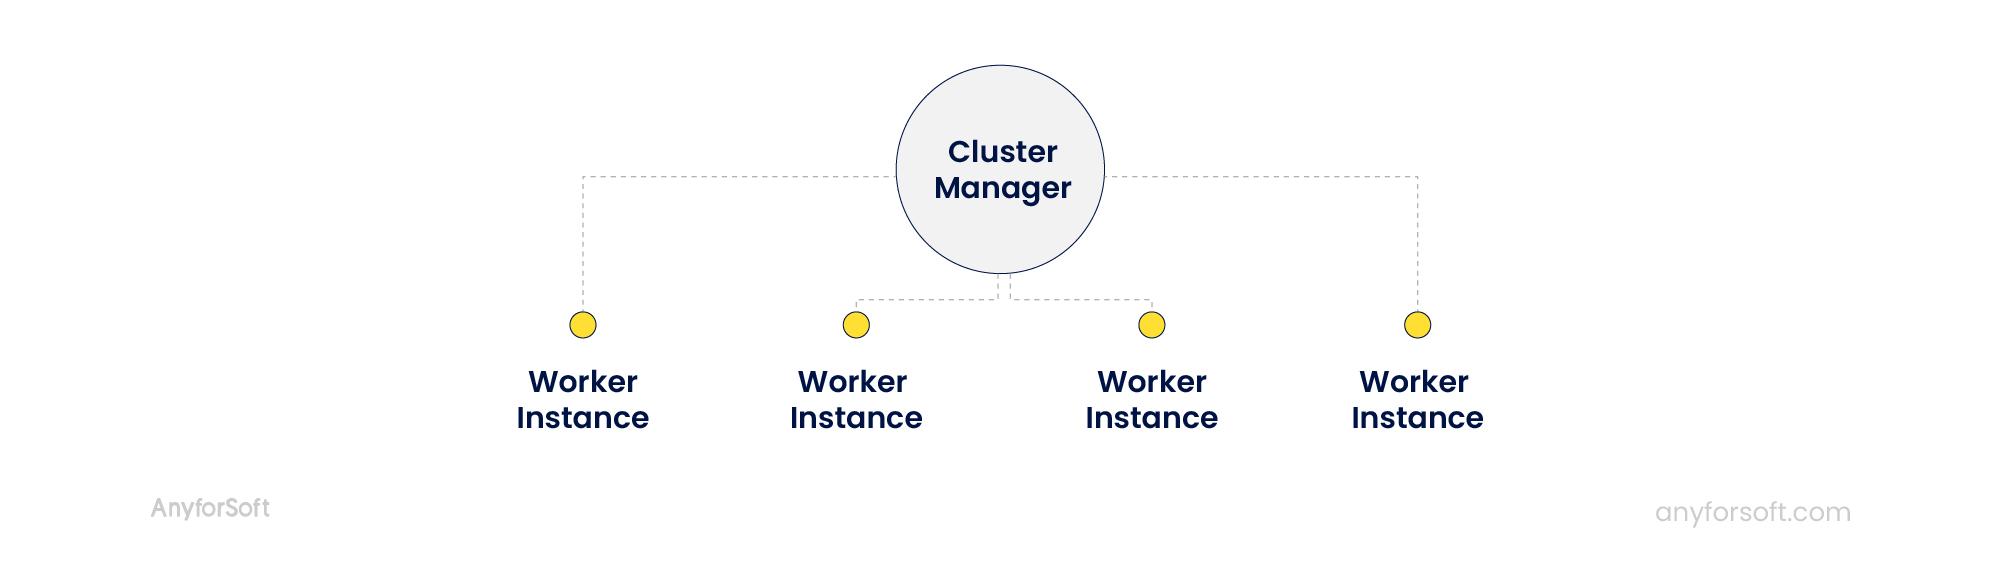 node js cluster manager